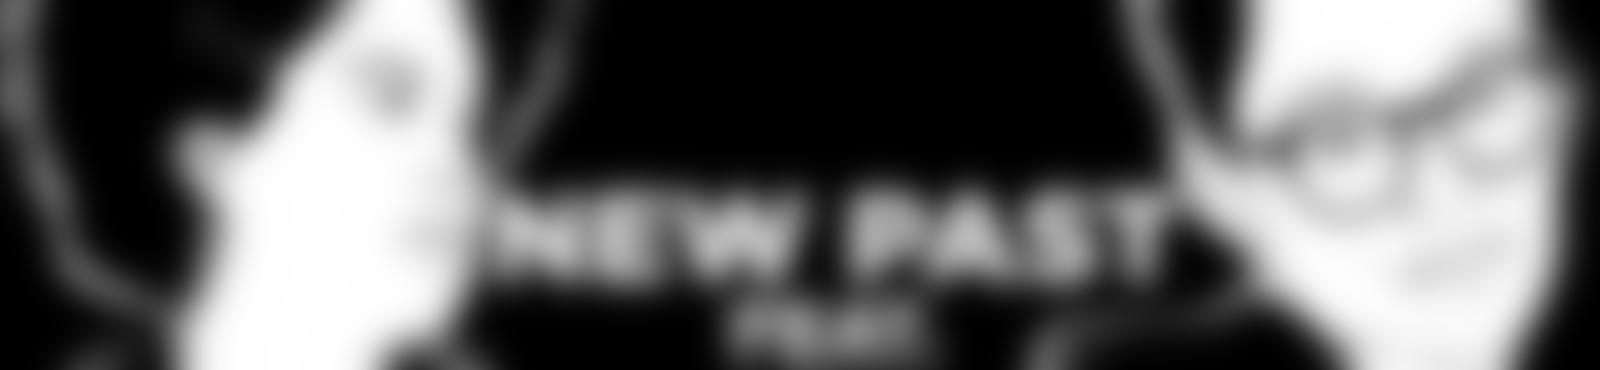 Blurred 7b536f7d 4567 4c59 82d3 a3cd0ee5dbfb